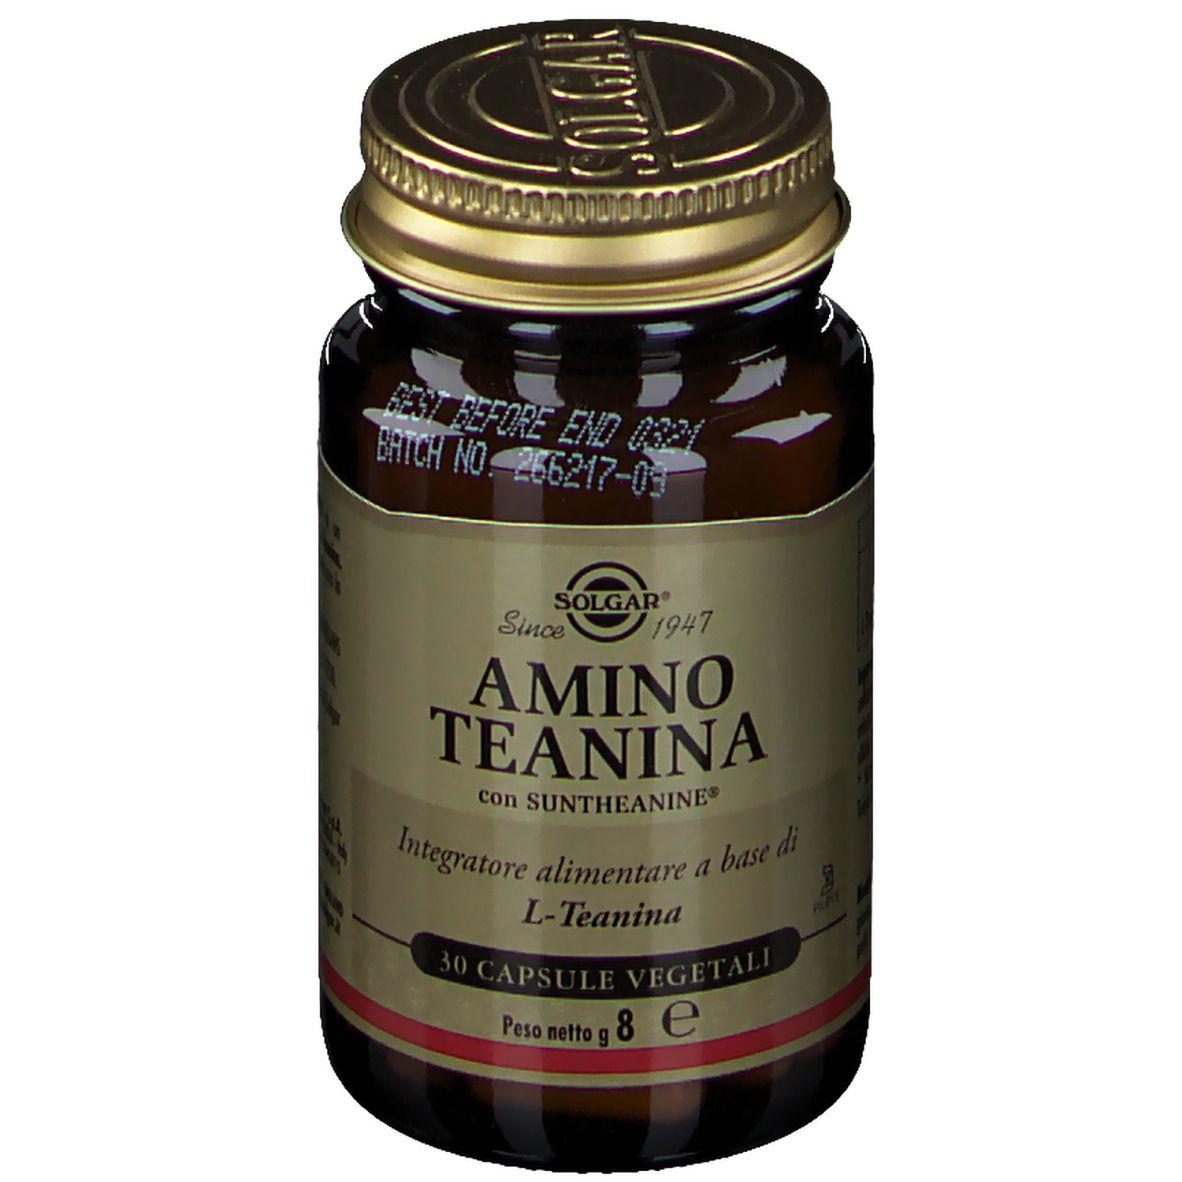 SOLGAR® Amino Teanina